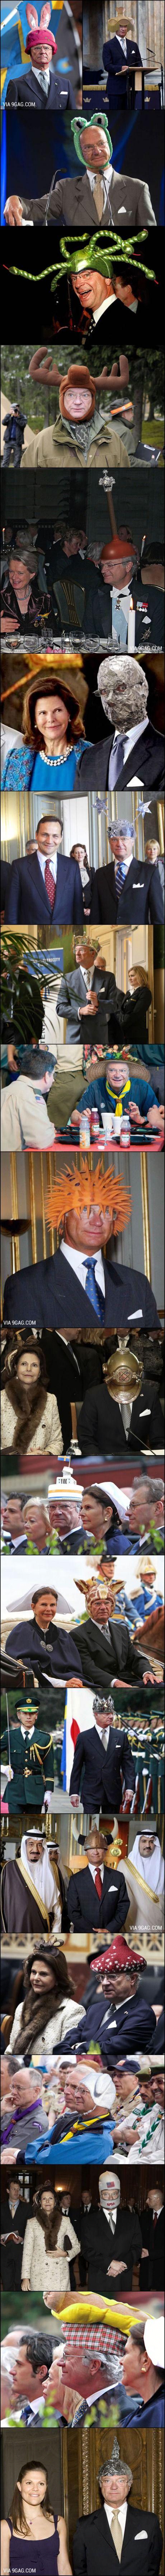 Haha, en del hattar passar honom verkligen, han borde köra hovnarren lite oftare...